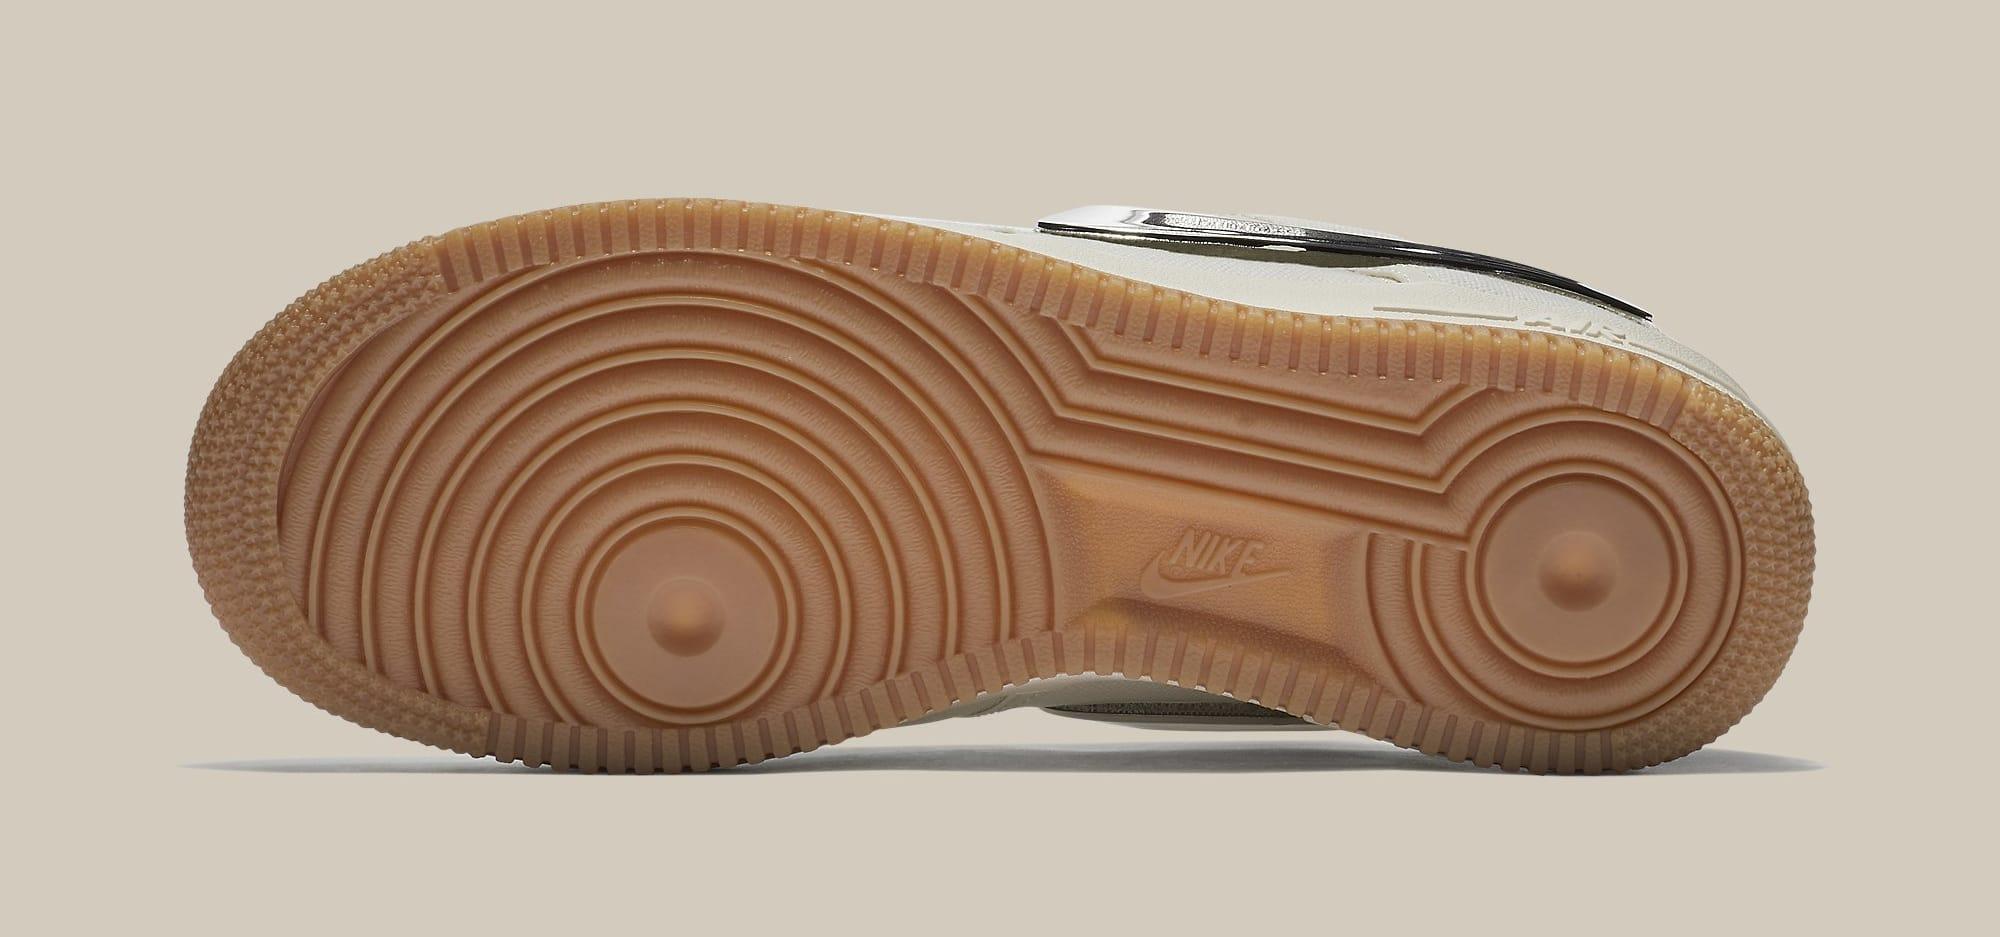 Travis Scott x Nike Air Force 1 Low 'Sail' AQ4211-101 (Bottom)